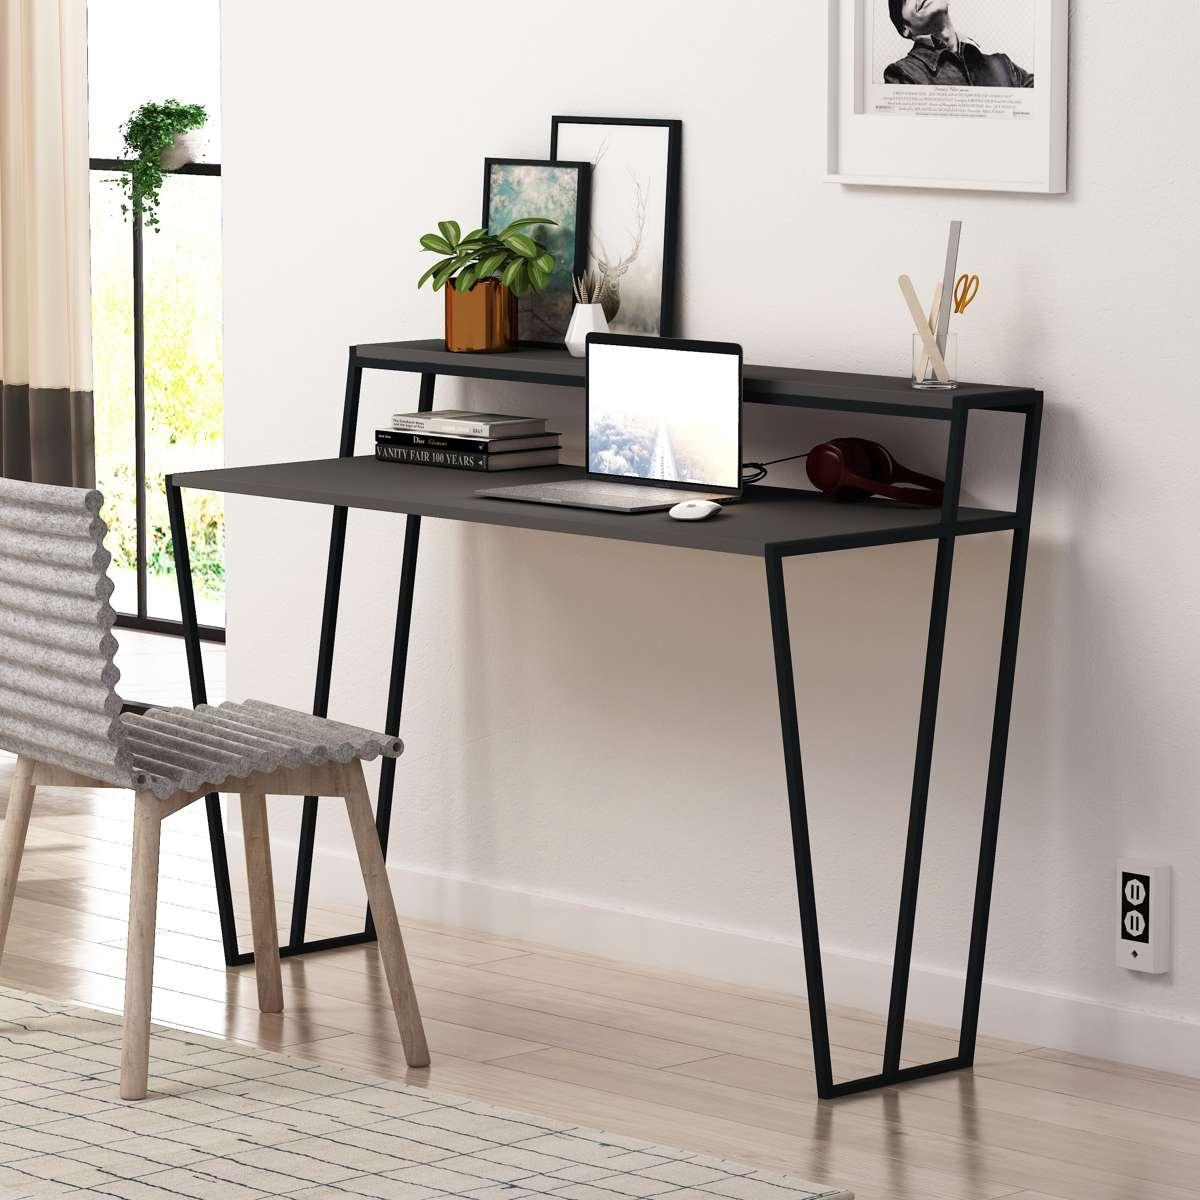 שולחן כתיבה Pal Working Table אפור מסדרת Decoline